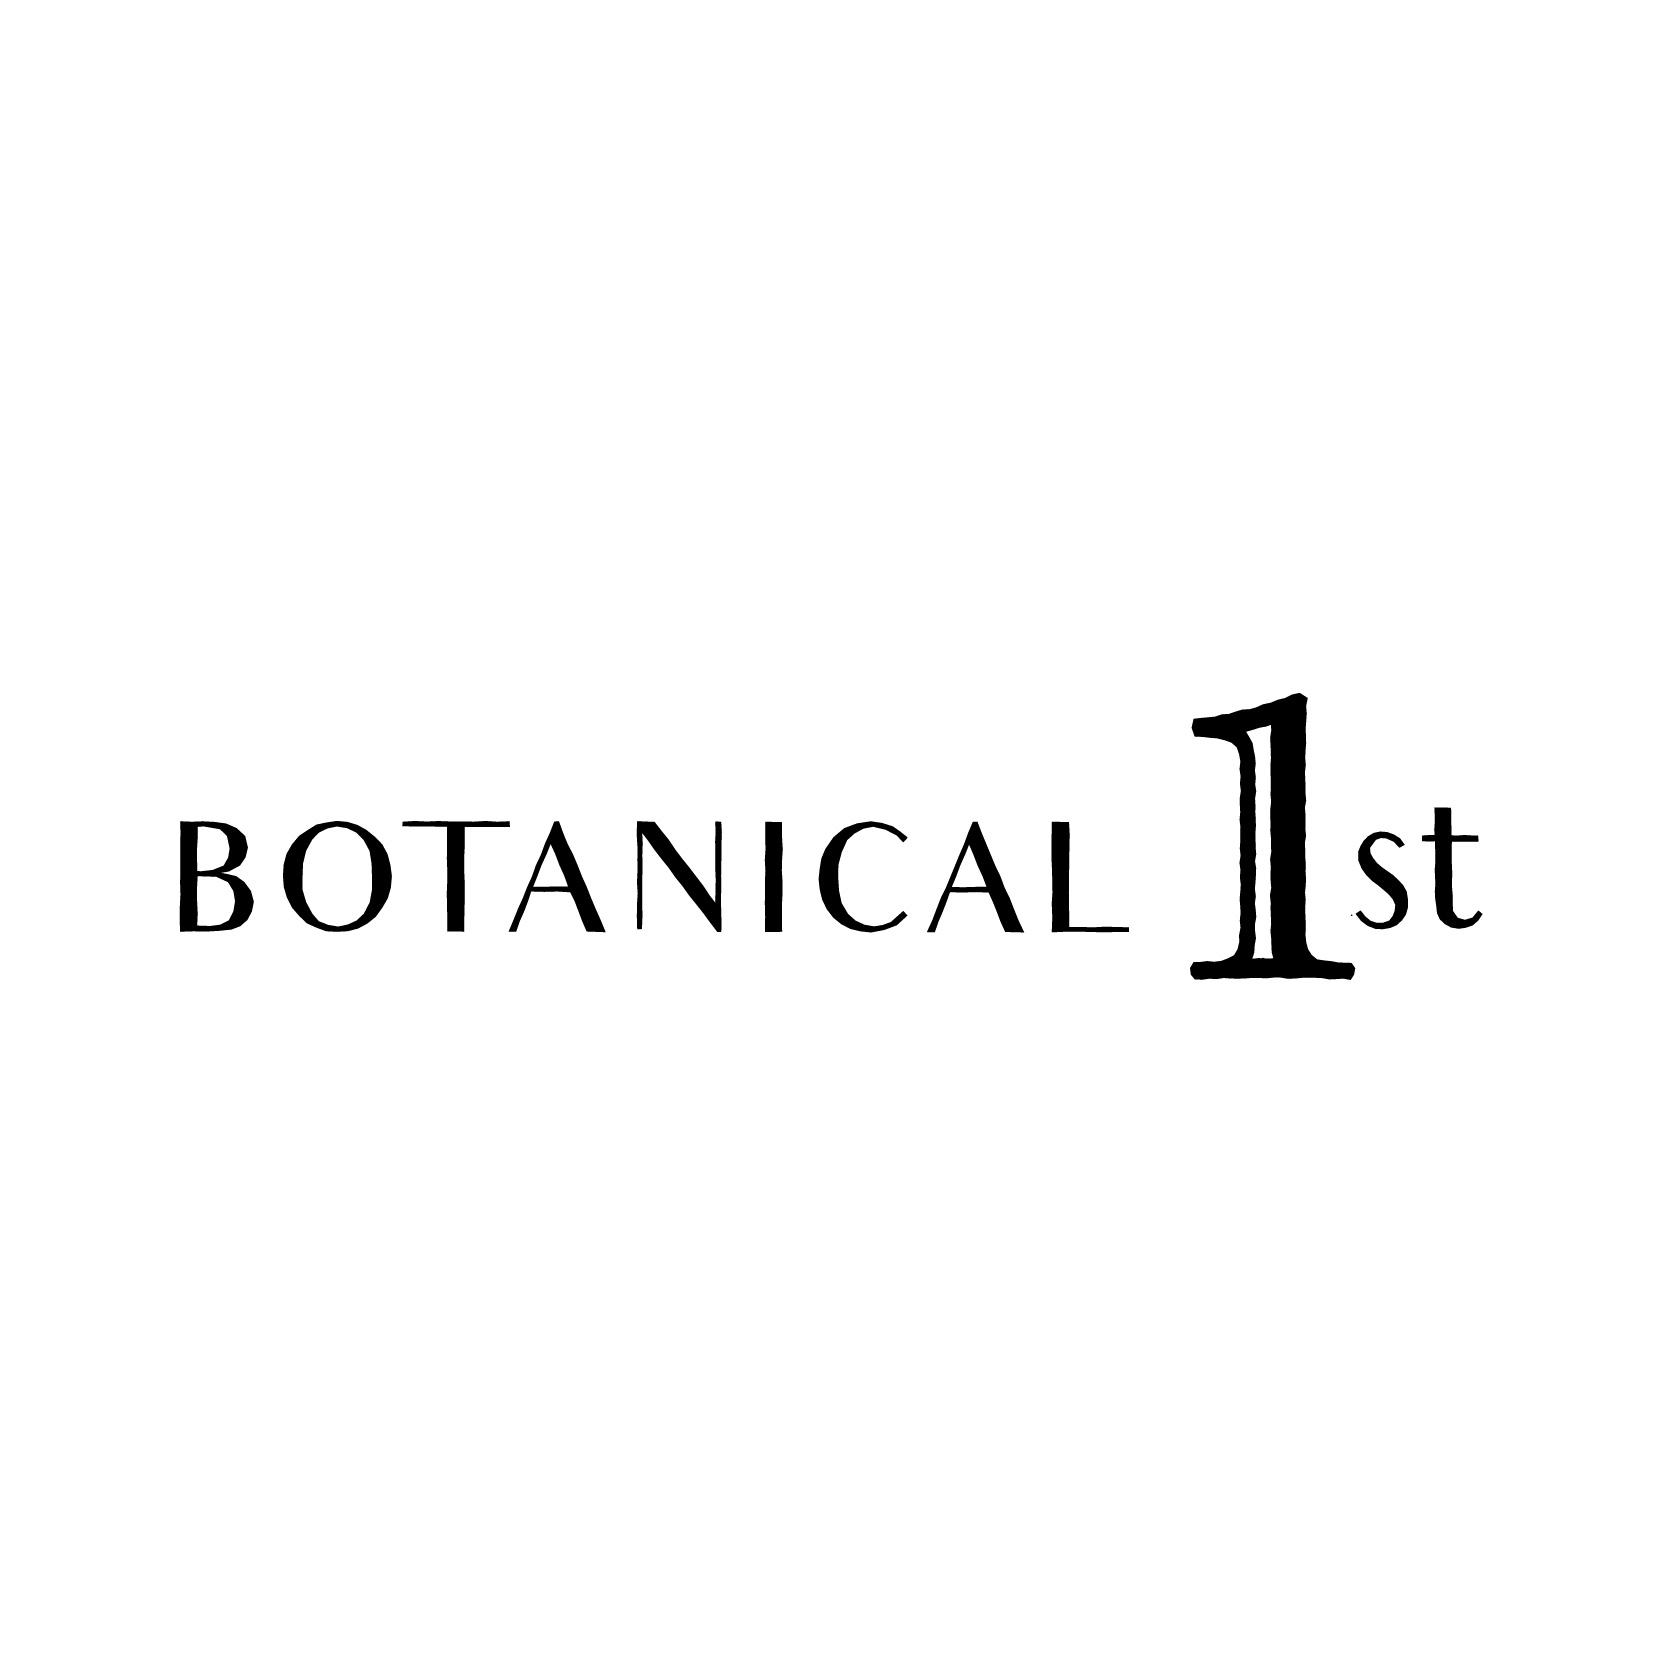 ボタニカルファースト